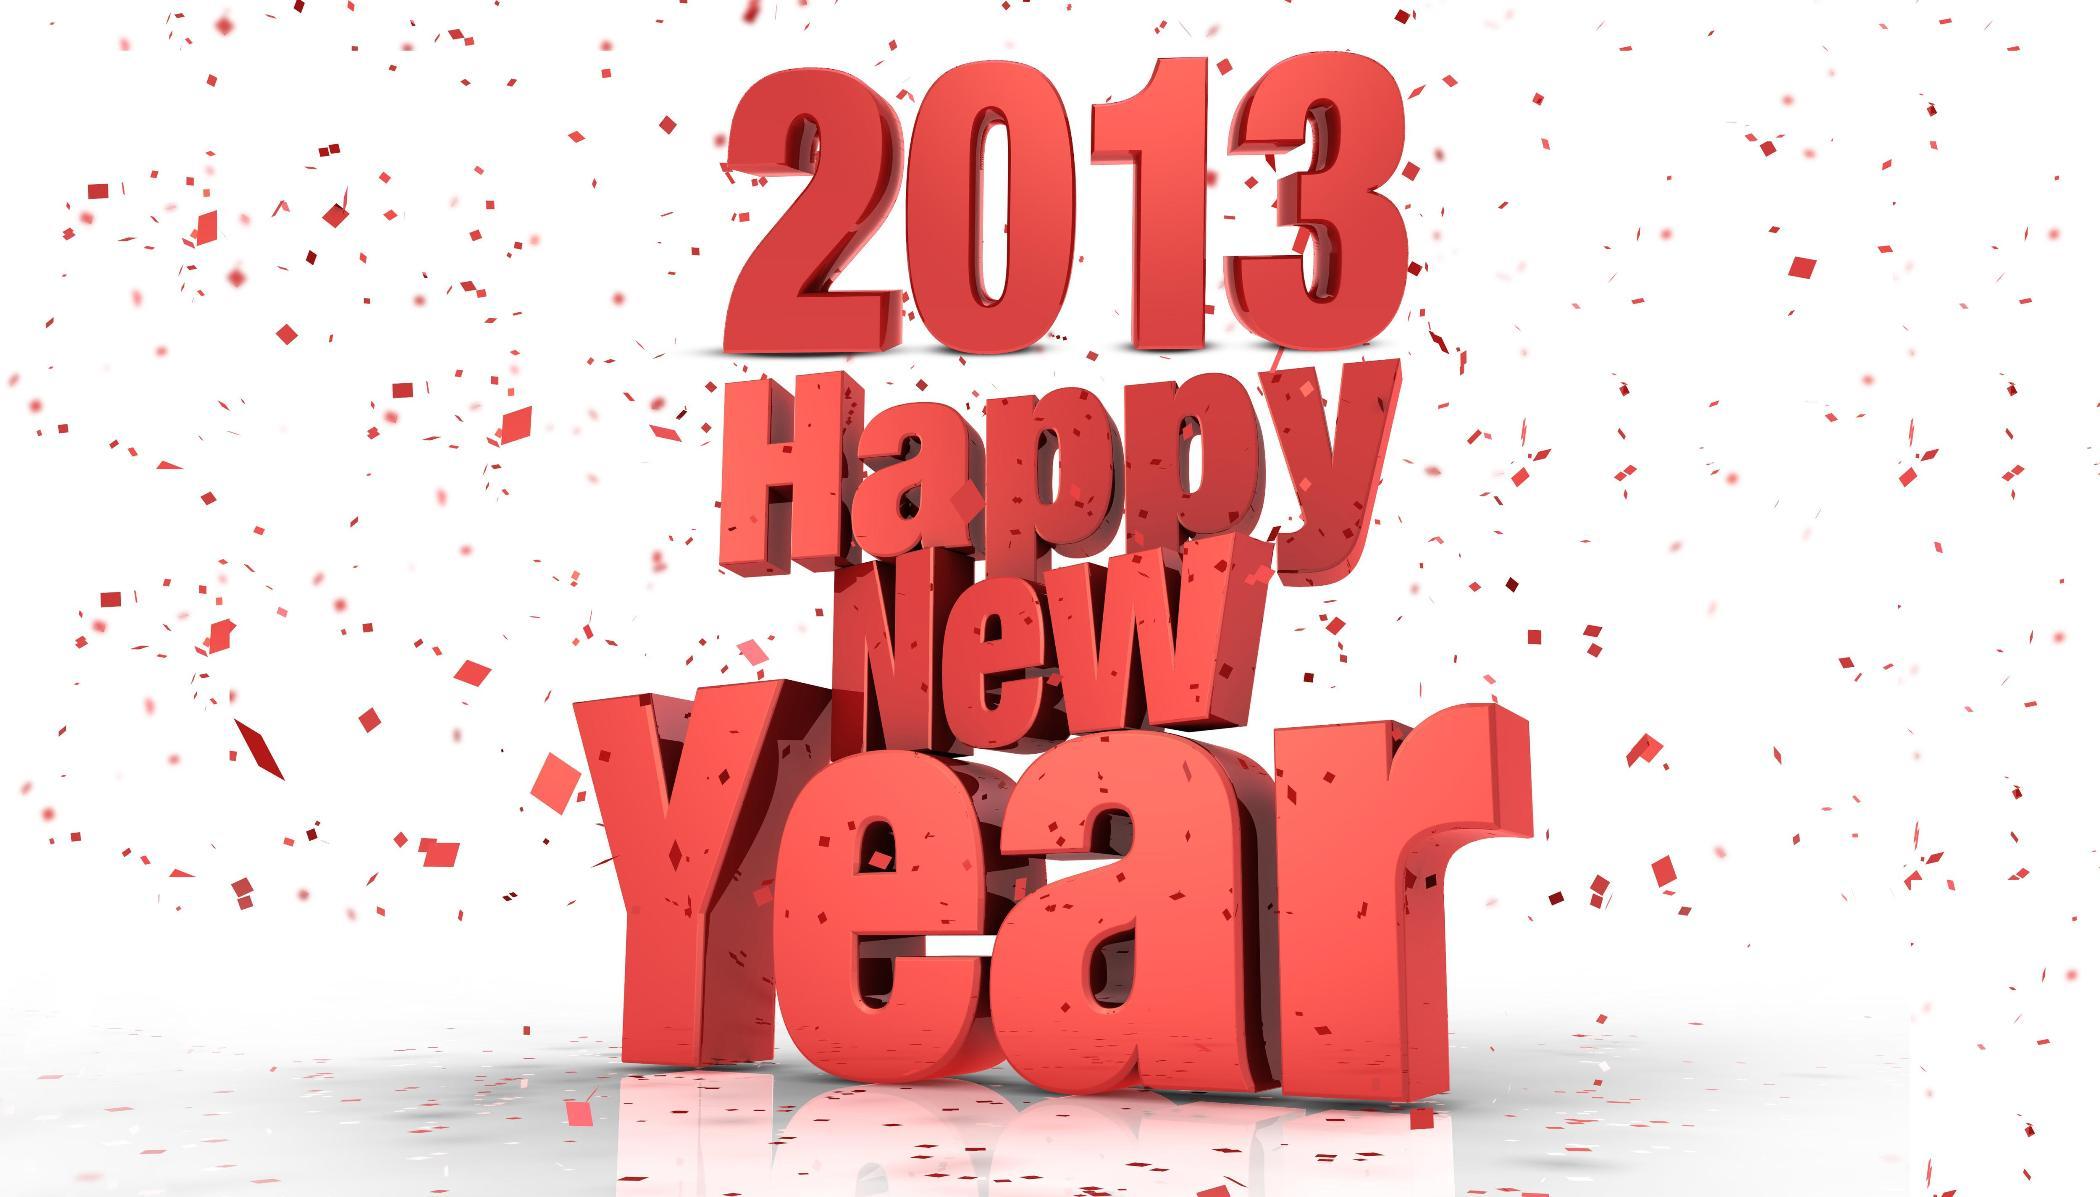 마리아사랑넷 이글루  Happy New Year 마리아사랑넷